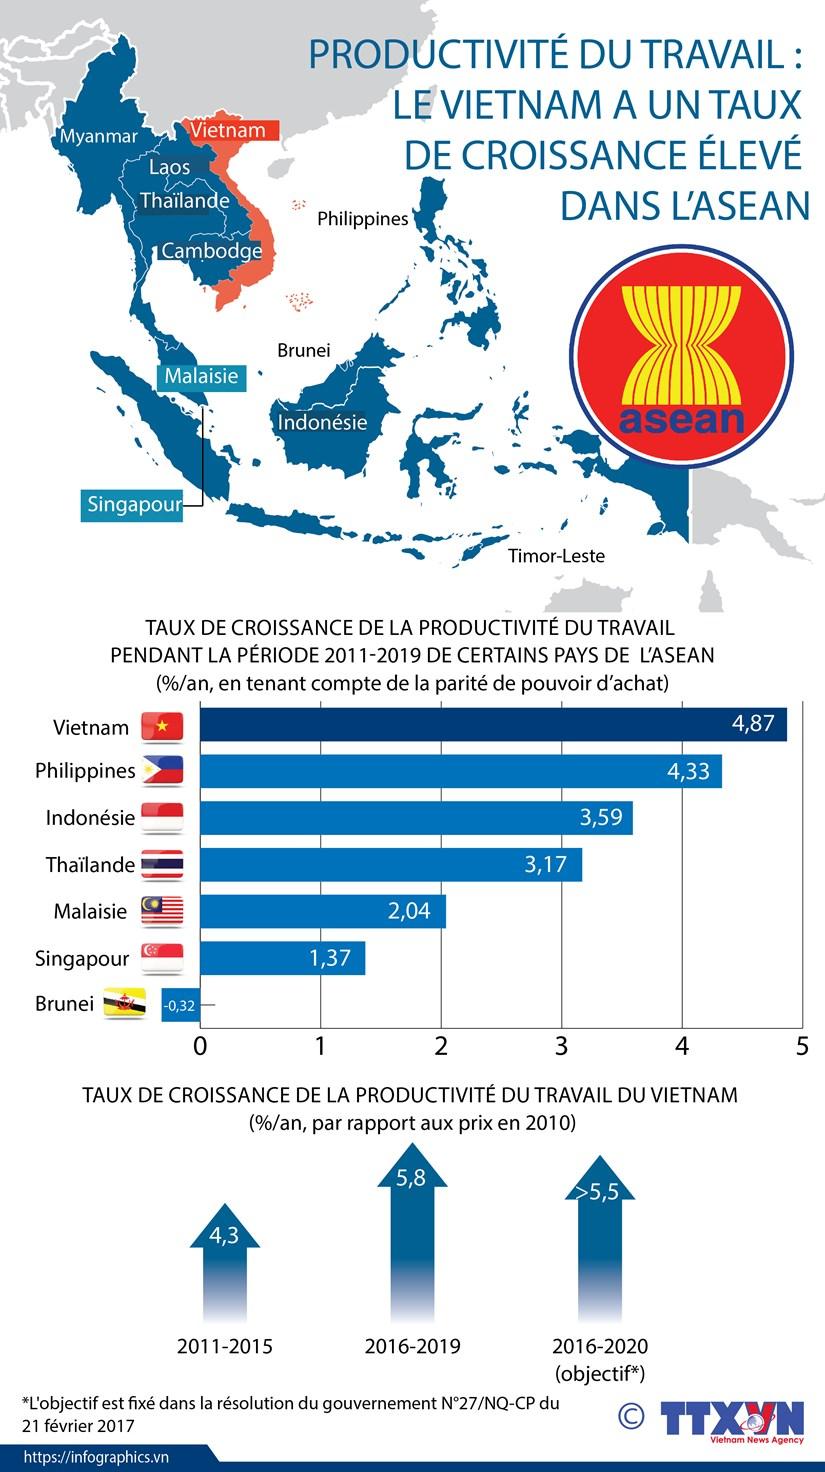 Productivite du travail : le Vietnam a un taux de croissance eleve dans l'ASEAN hinh anh 1